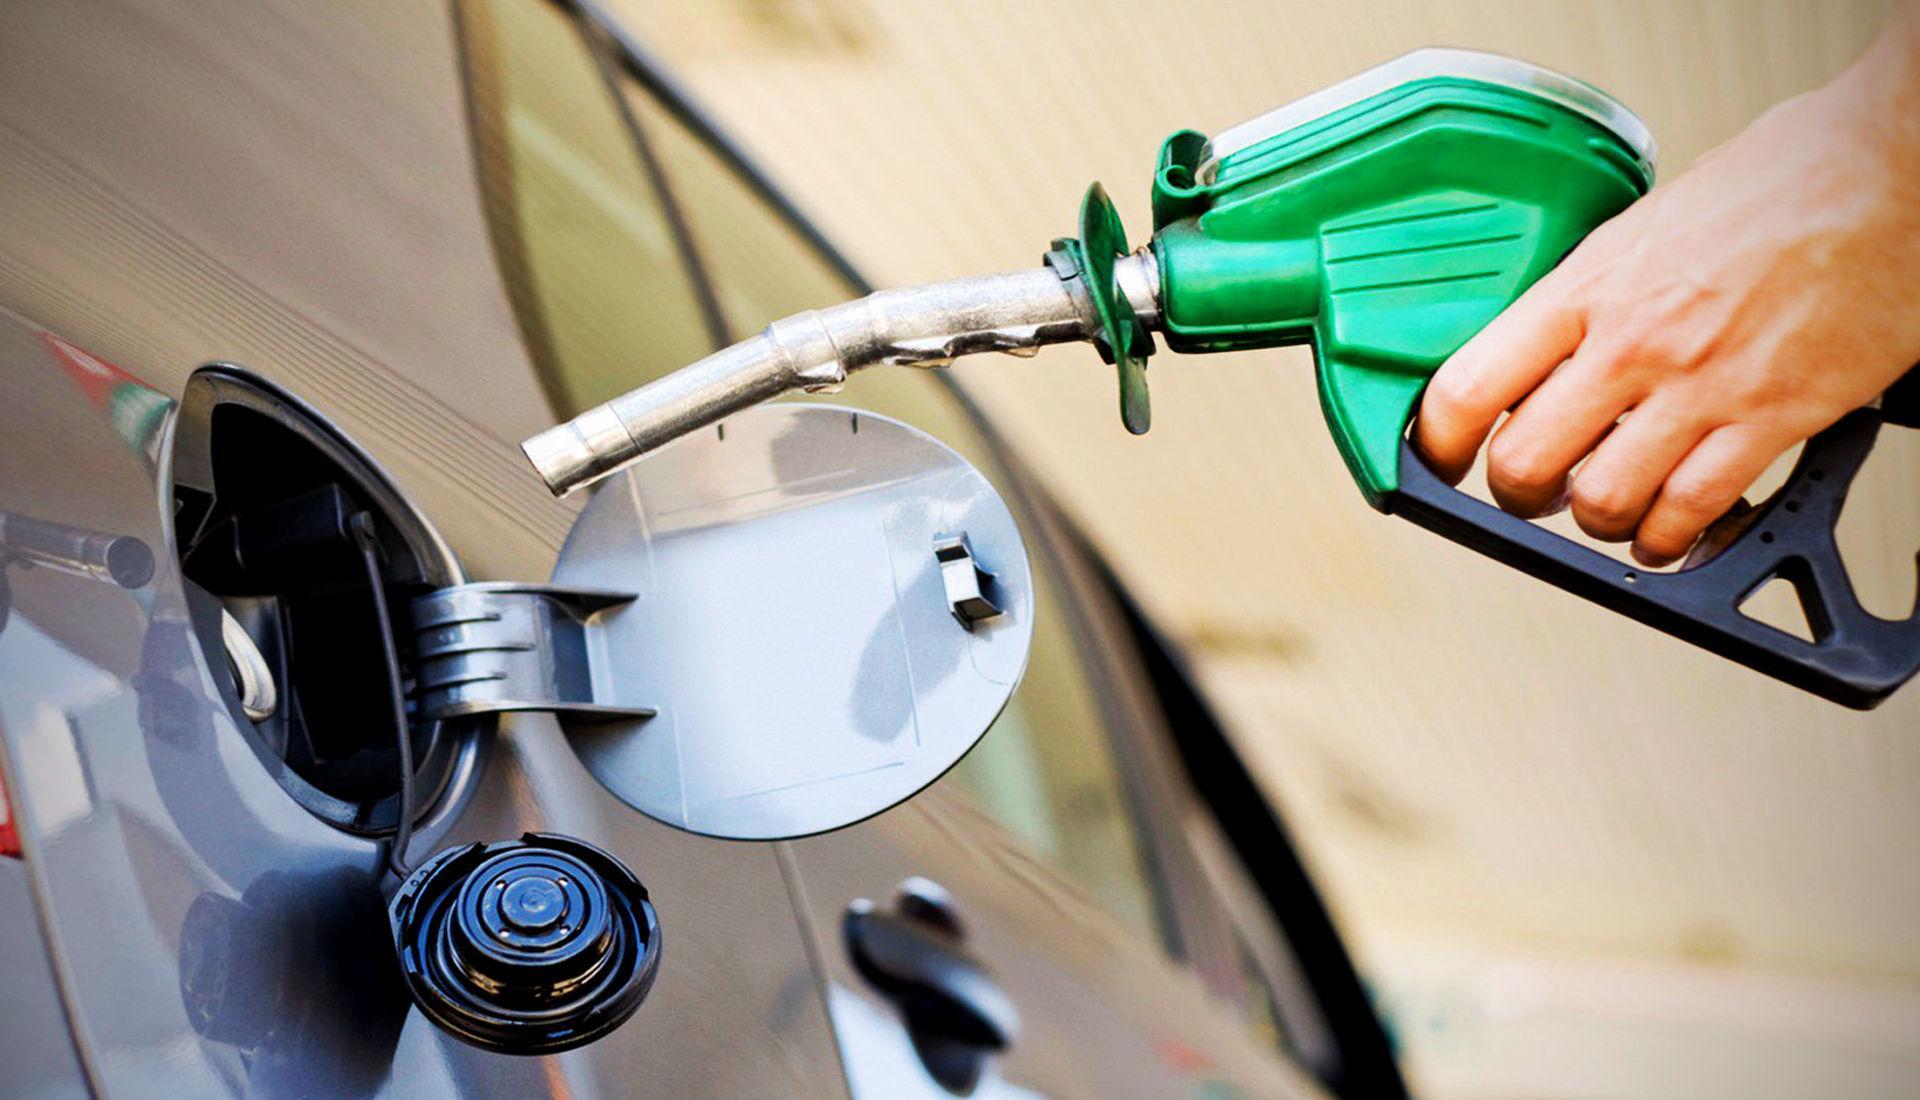 Почему в некоторых машинах бензобак справа, а в других — слева?